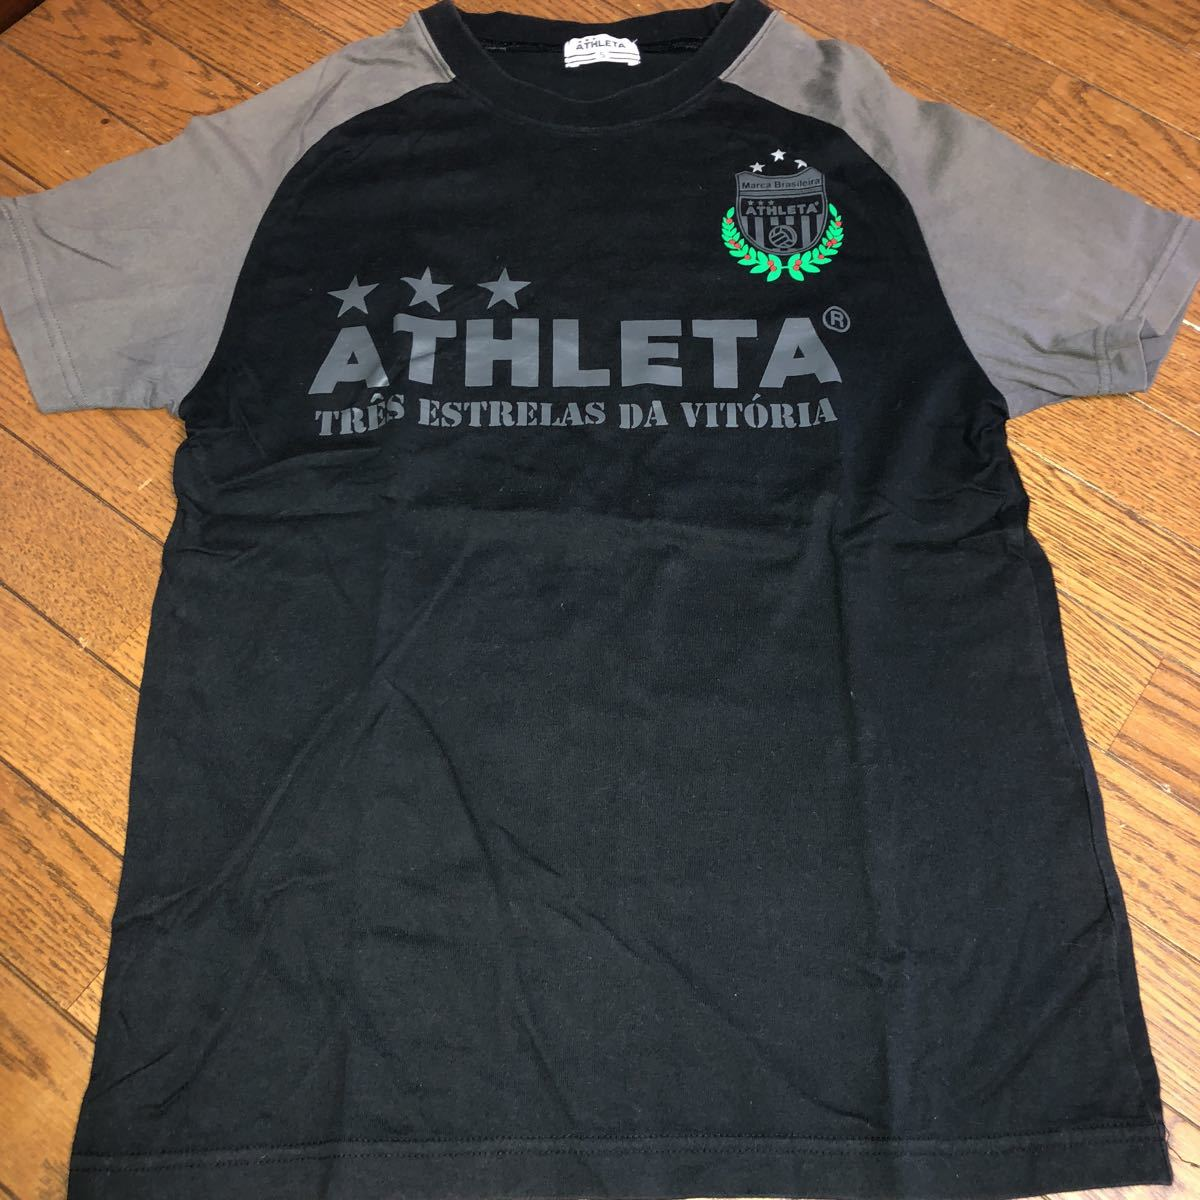 ATHLETA 半袖 Tシャツ S サッカー フットサル アスレタ_画像1